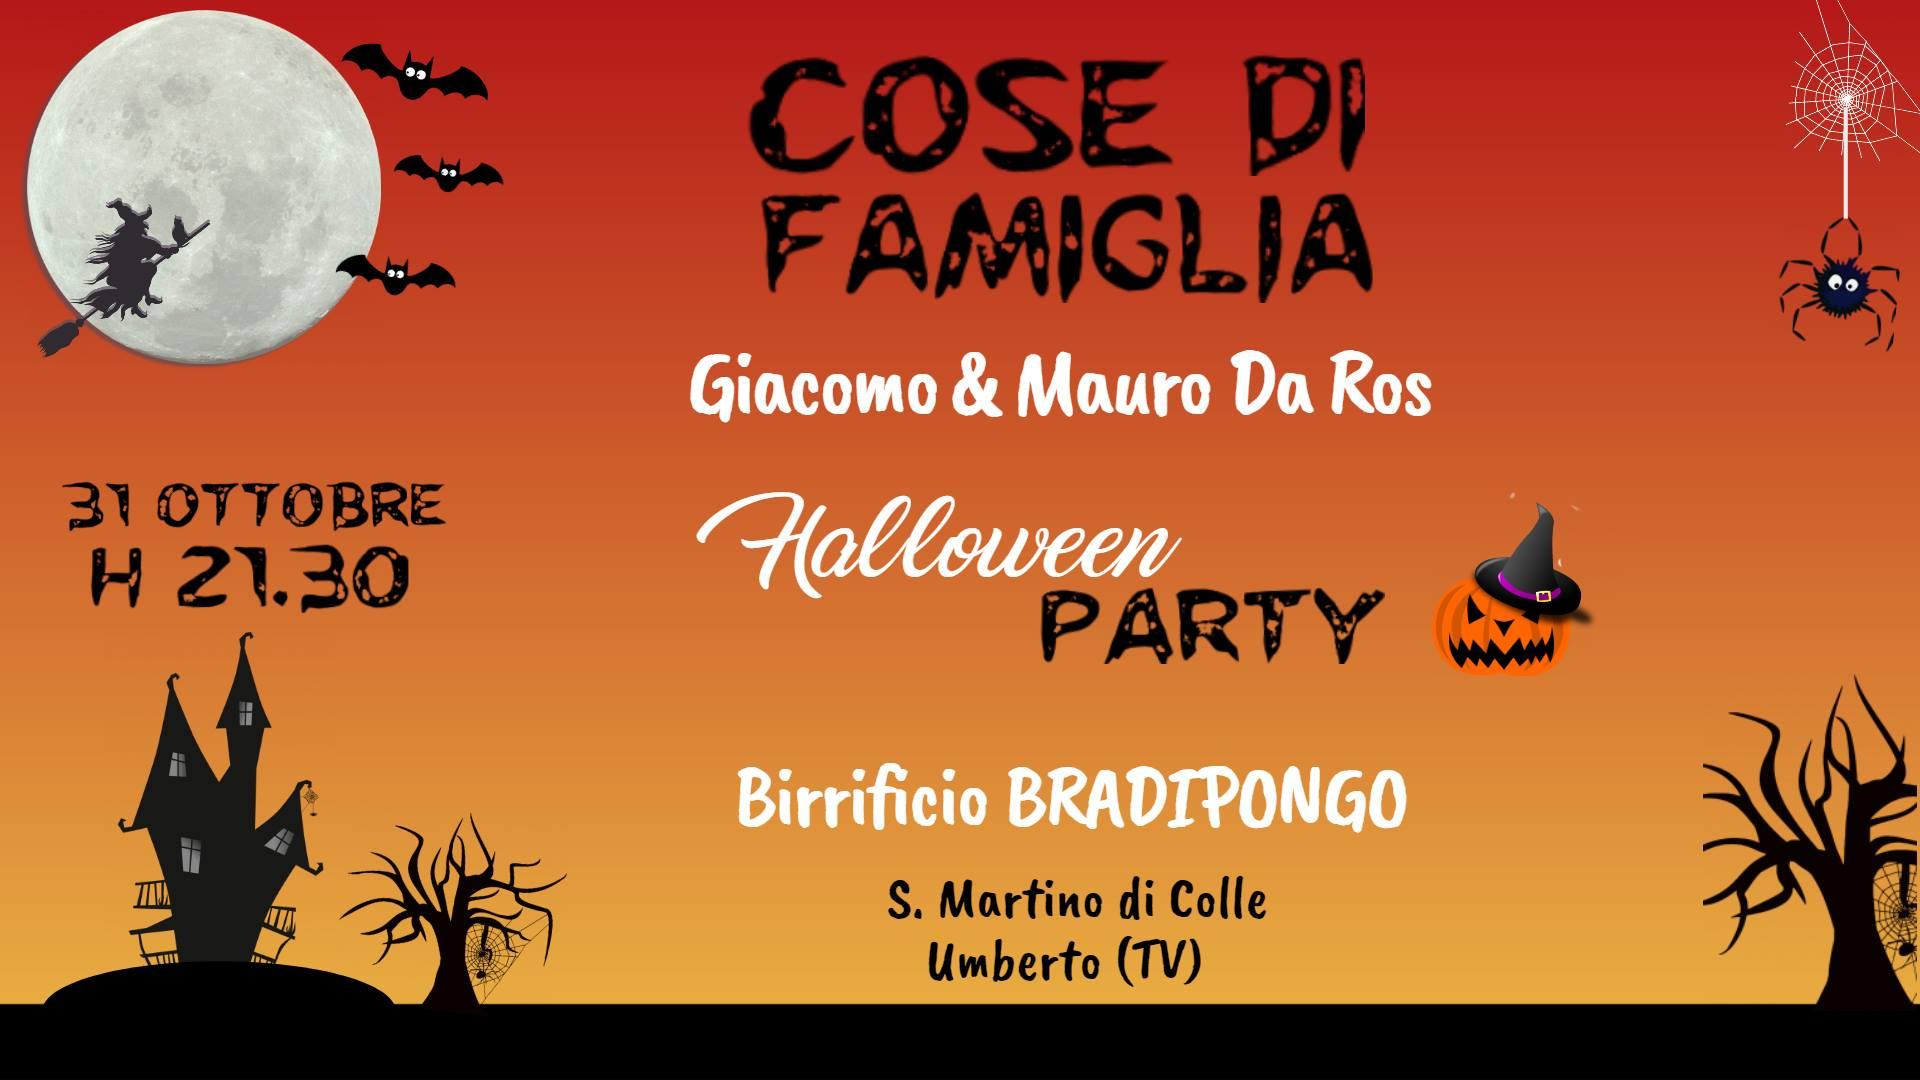 Halloween Party Con Cose Di Famiglia